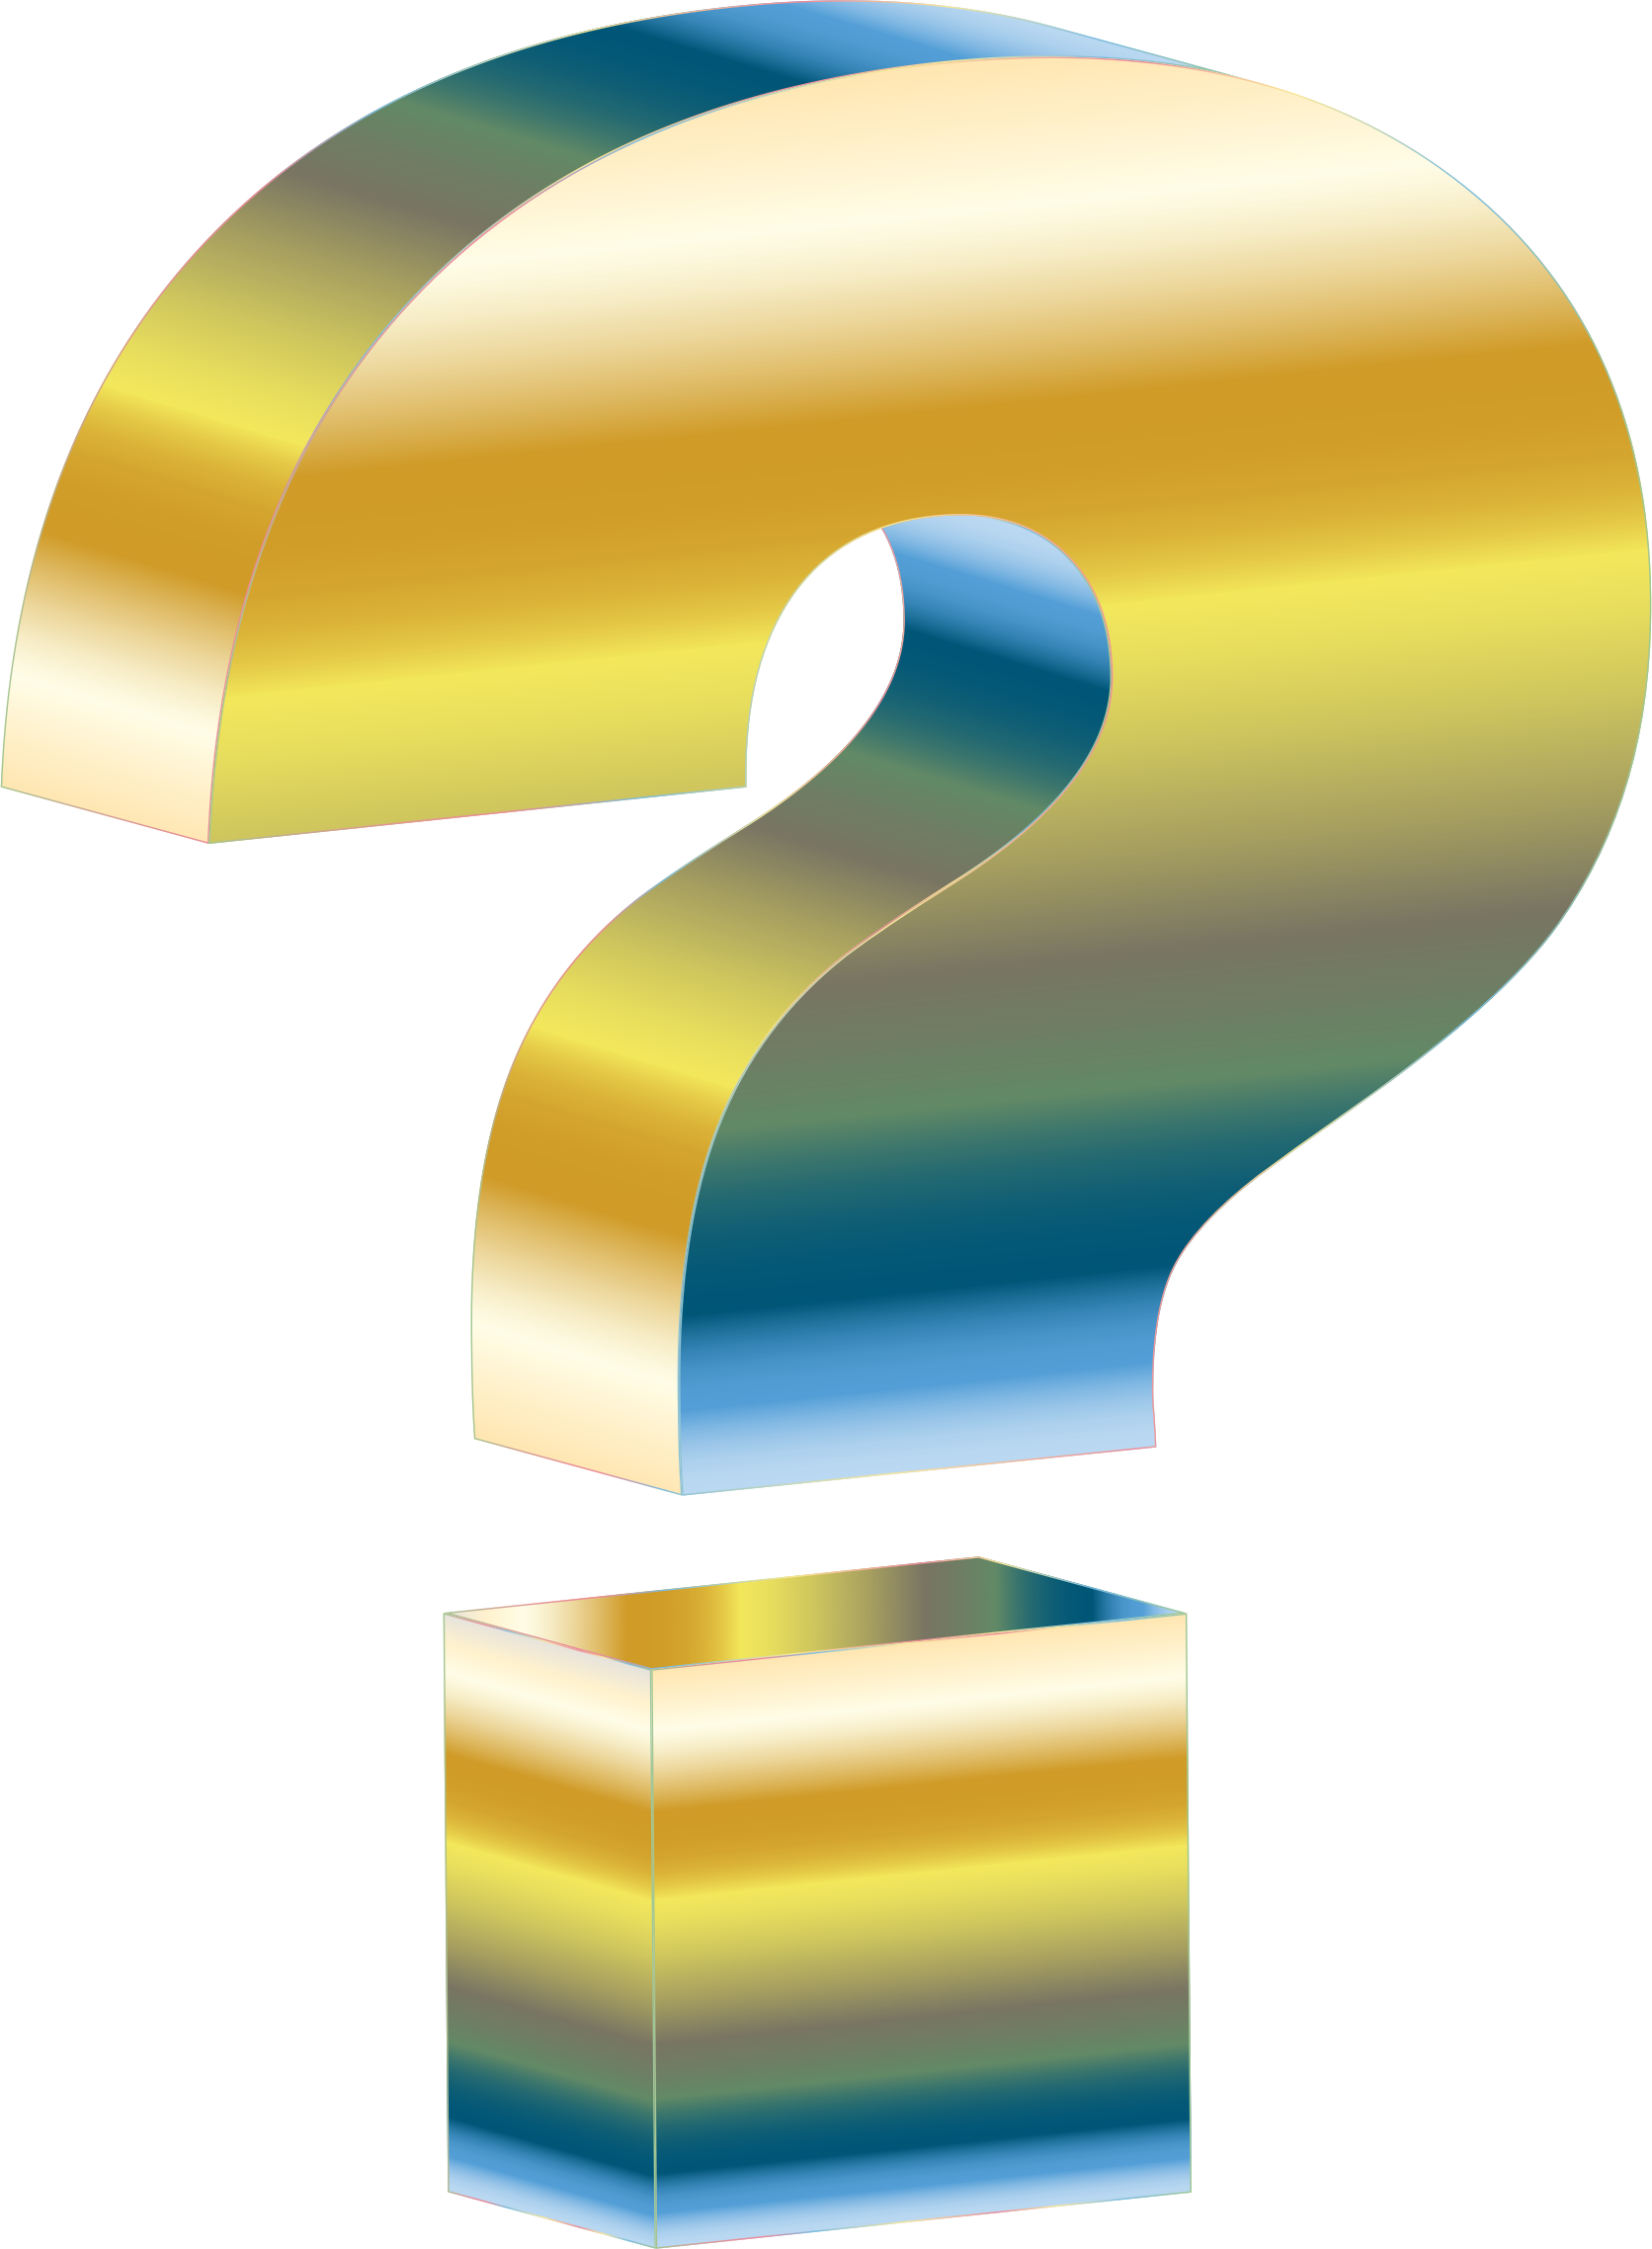 Number 1 clipart question. Harmonic rainbow d mark